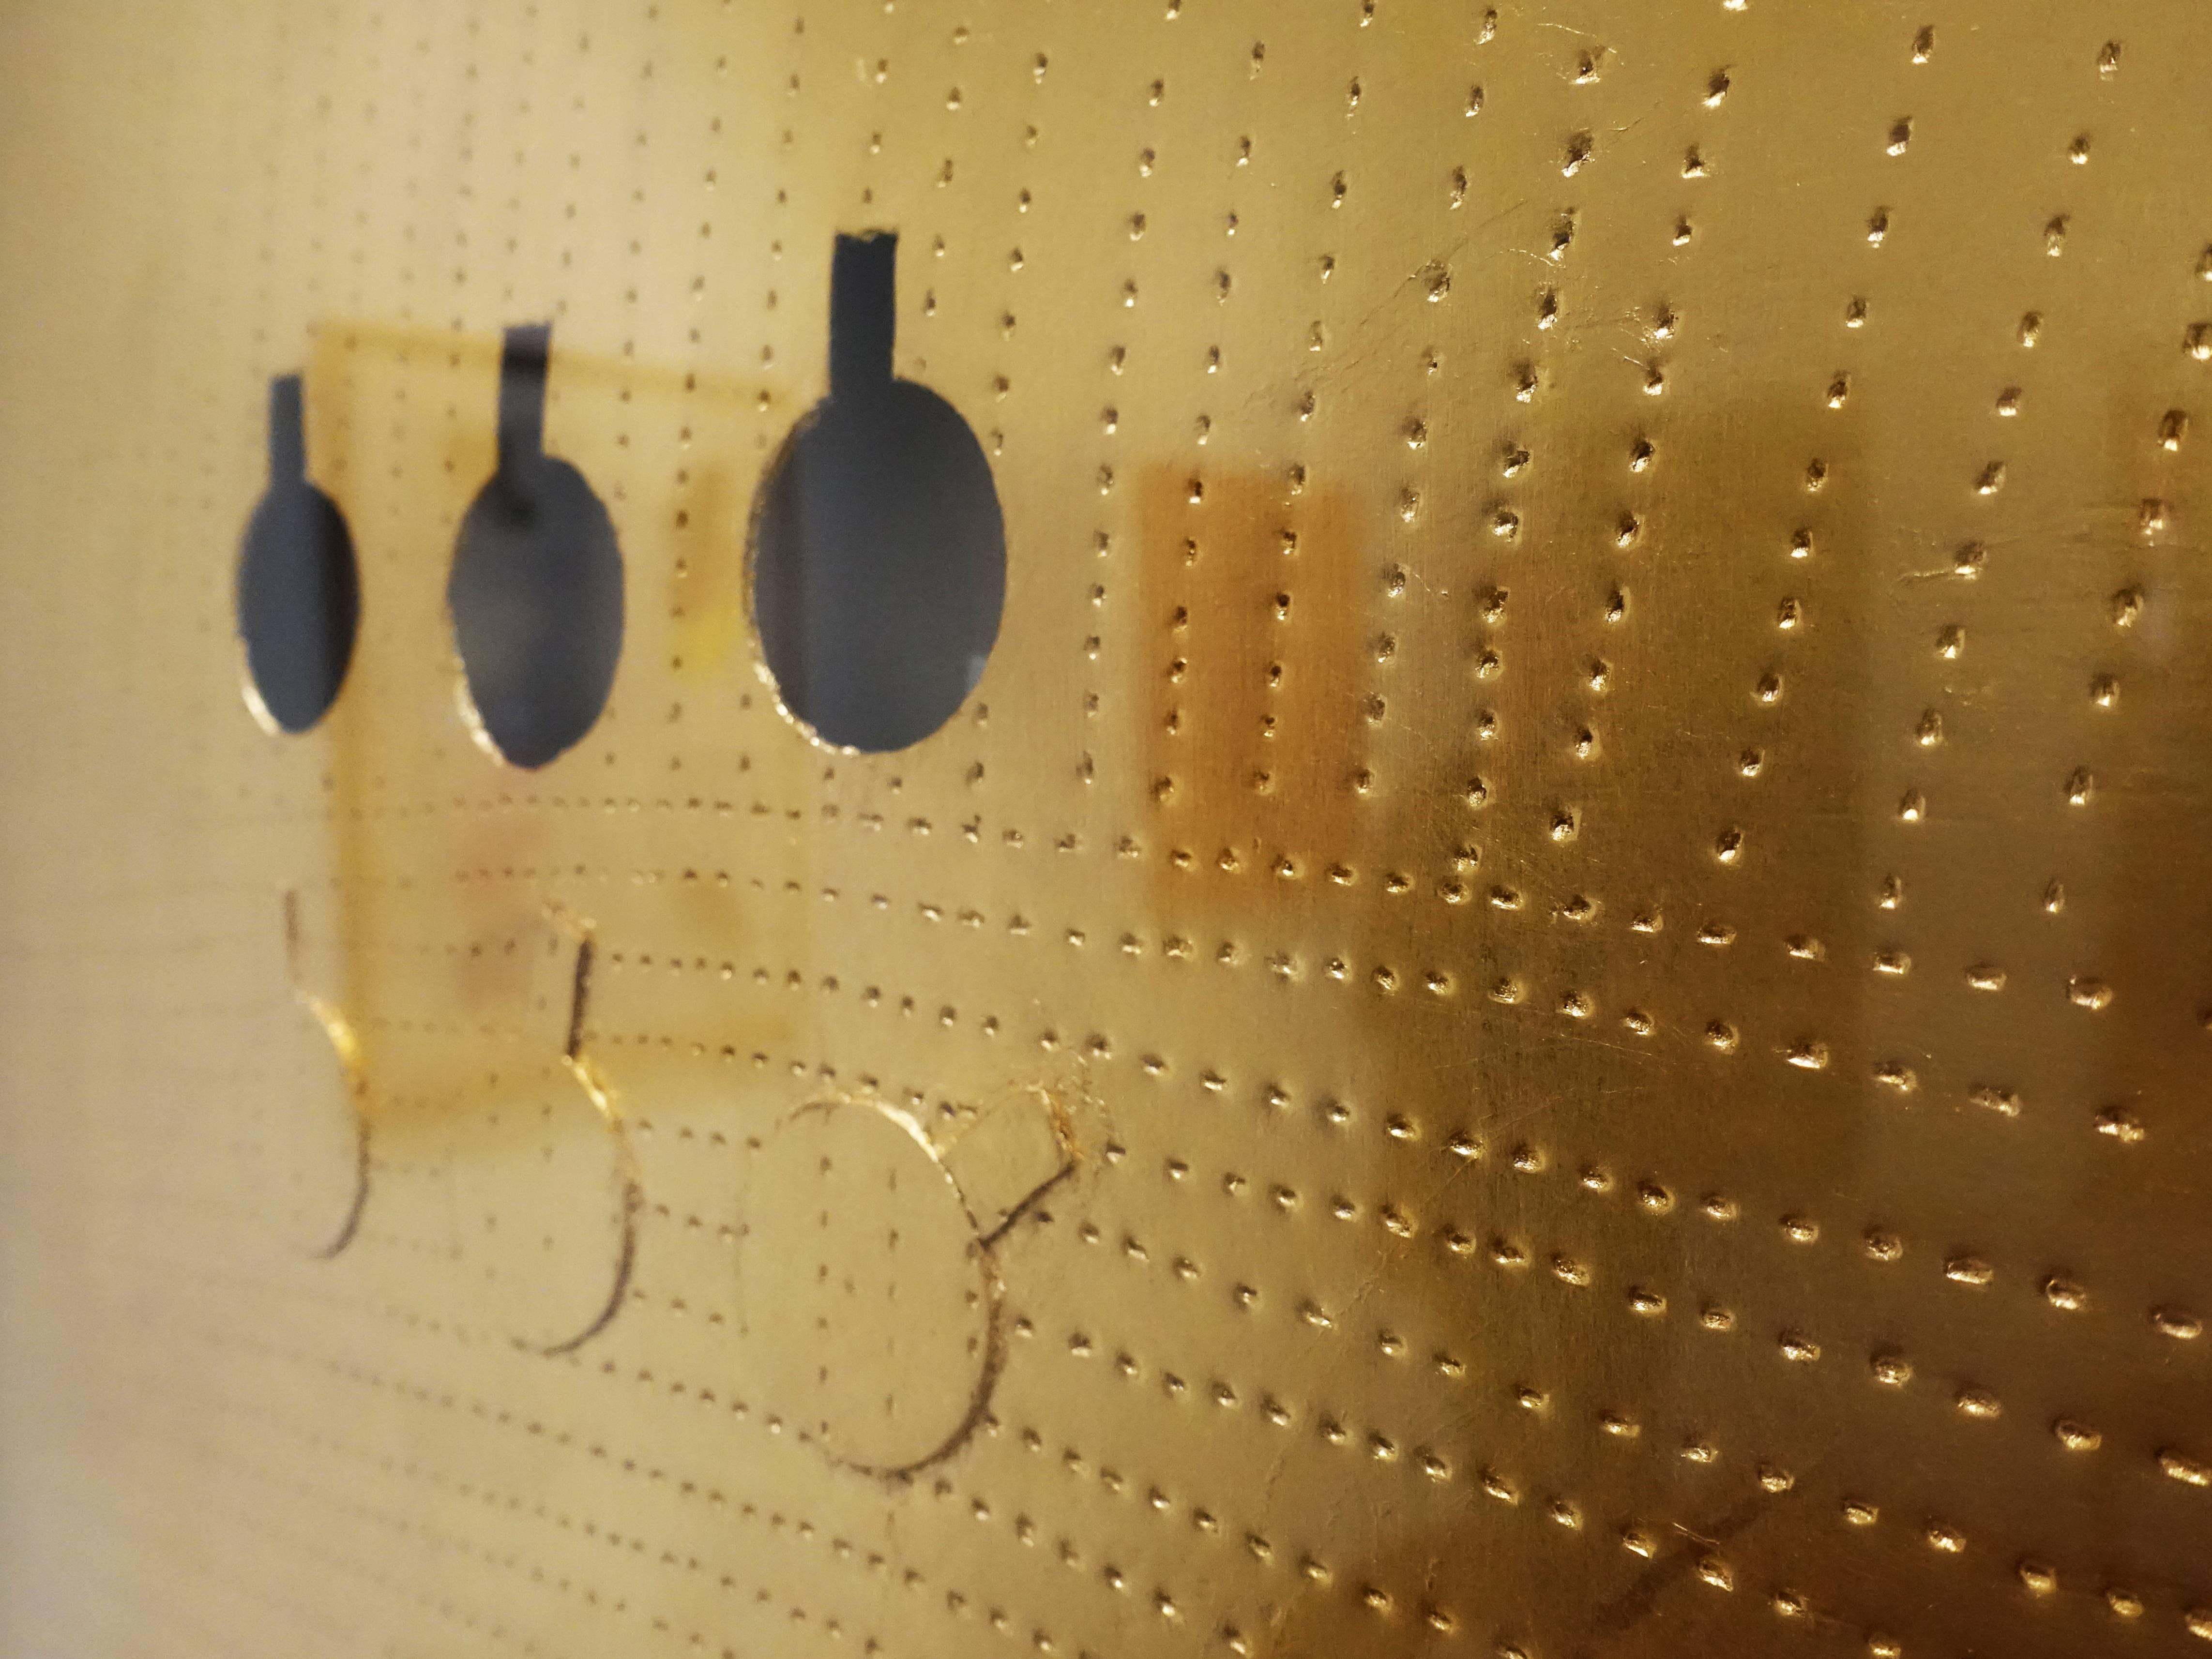 関根伸夫,《Phase conception No.G10-266》細節,45 x 53 cm,金箔Mixed media and gold leaf on paper、paper,2009。